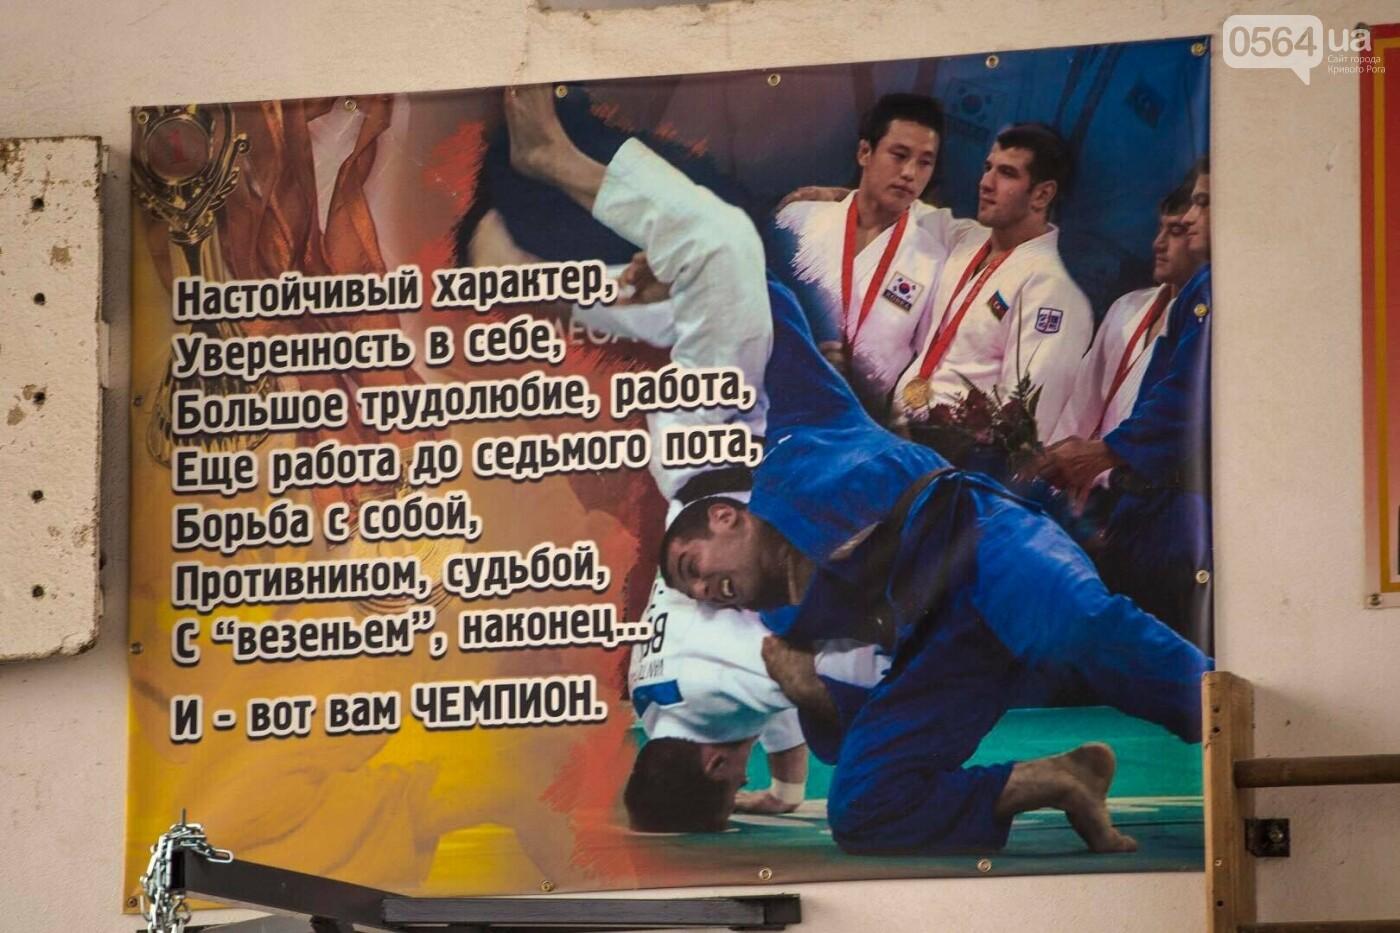 Юные дзюдоисты Кривого Рога успешно выступили на Новогоднем турнире (ФОТО), фото-2